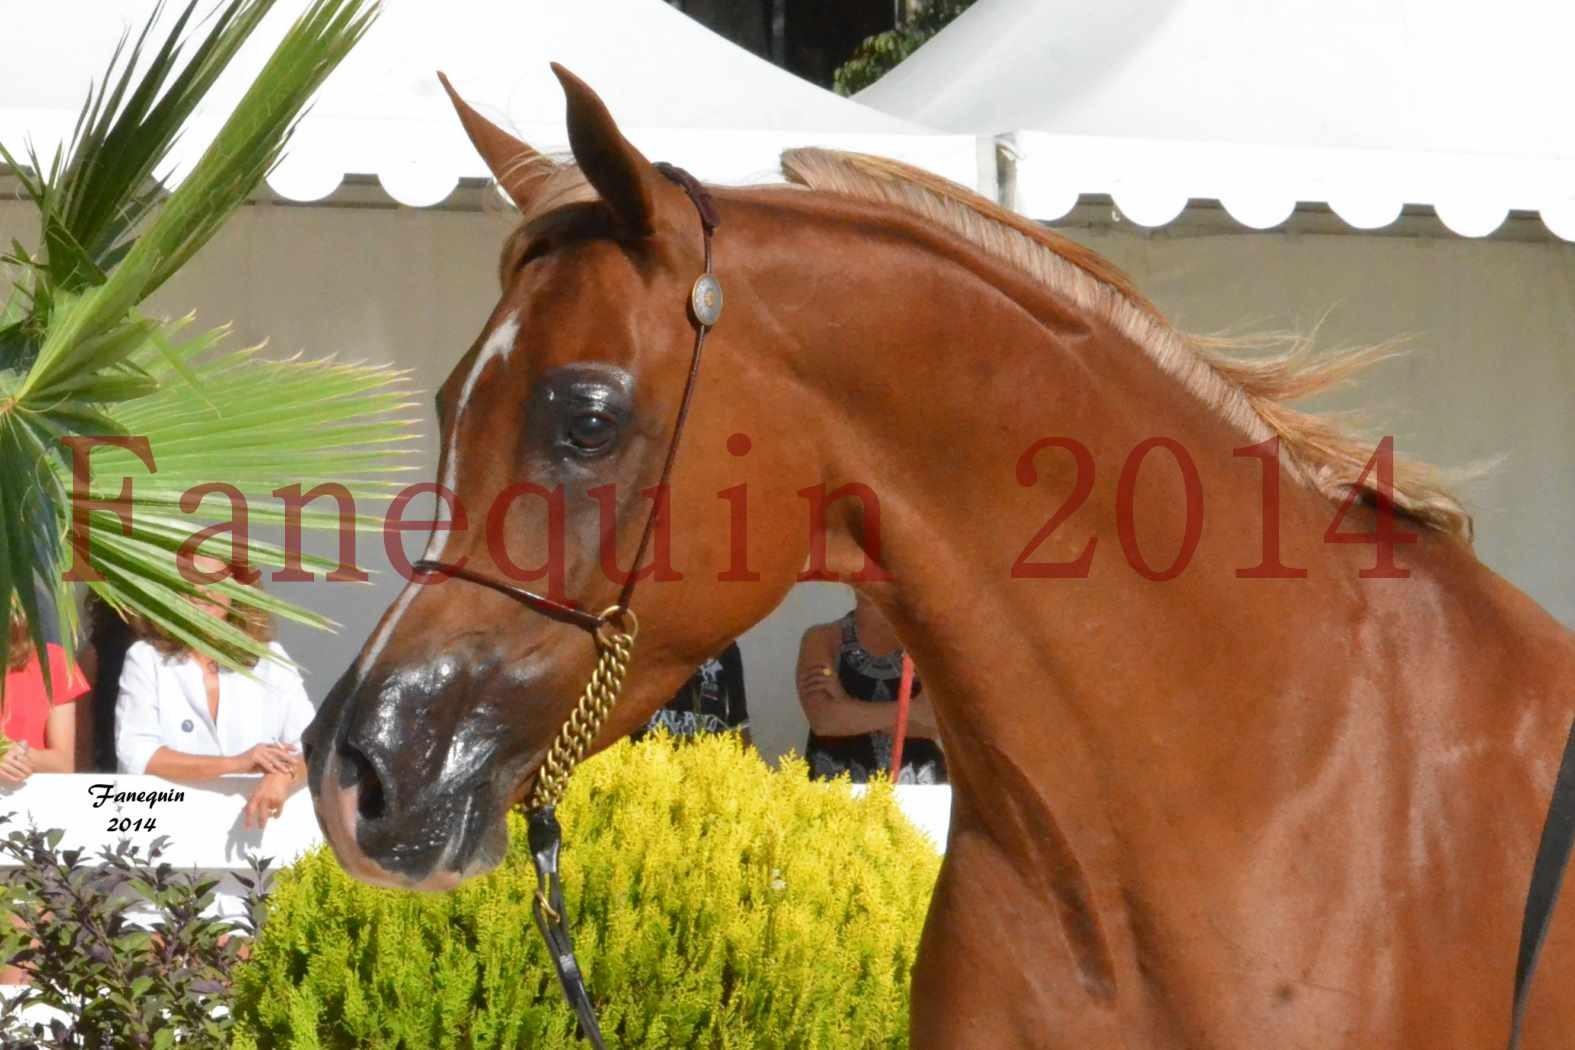 Concours National de Nîmes de chevaux ARABES 2014 - Notre Sélection - Portraits - MASSAI DE BARREL - 1